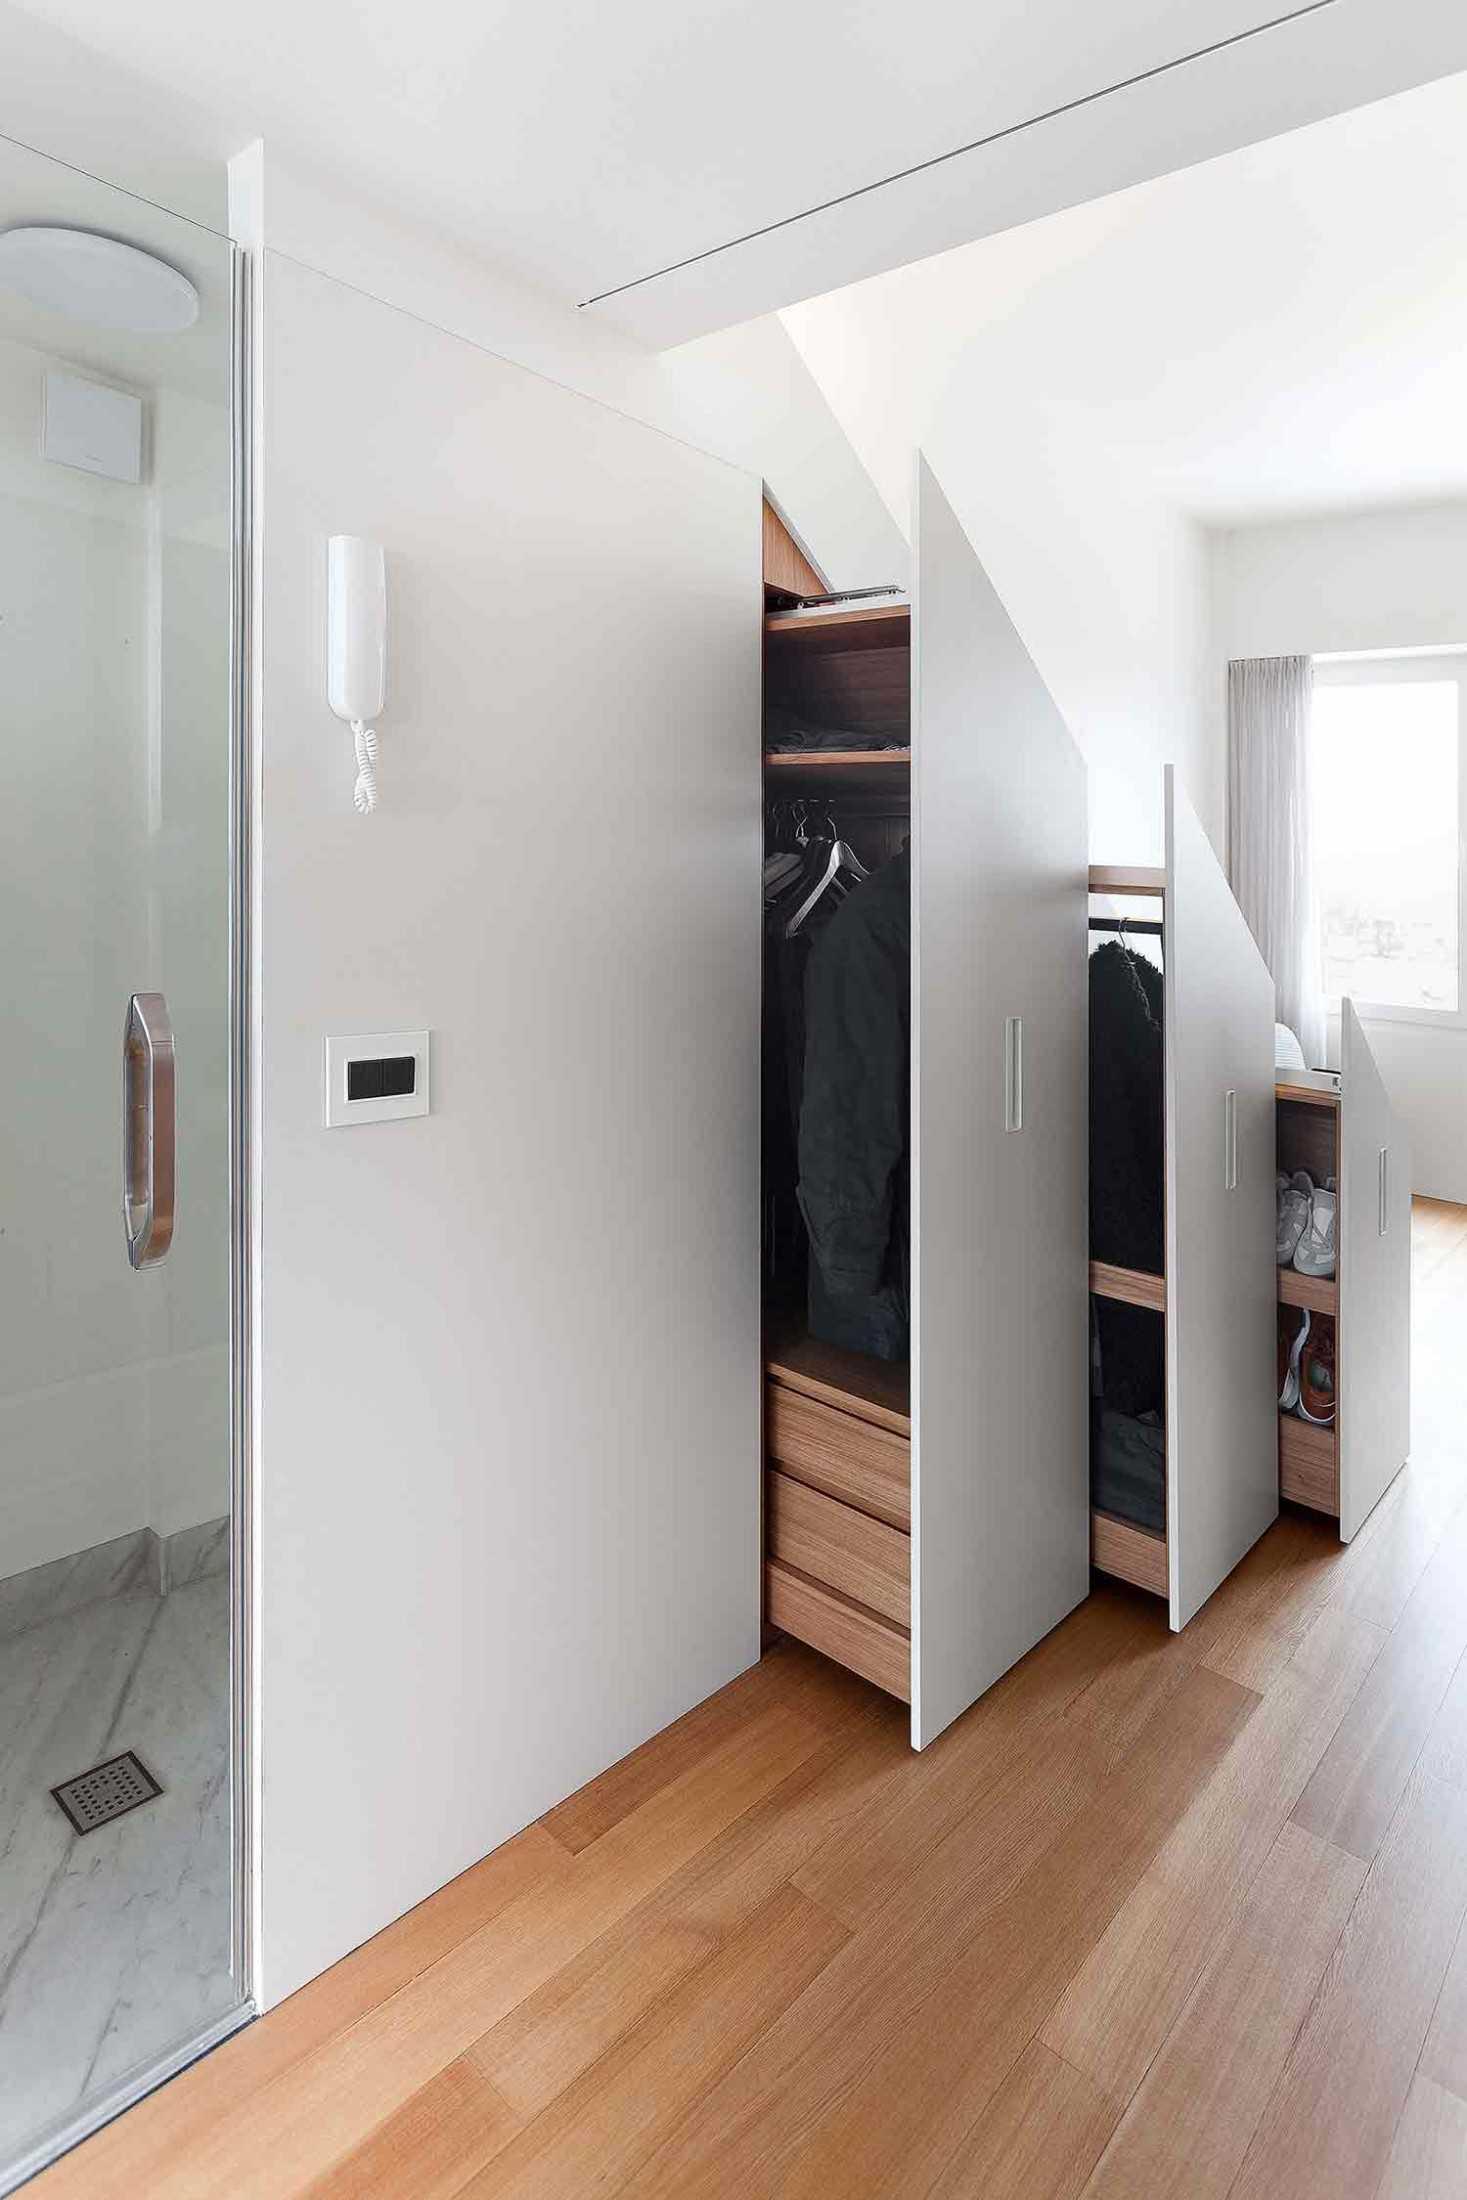 Pemanfaatan ruang di bawah tangga sebagai lemari pakaian karya studio Bazi, via organized-home.com